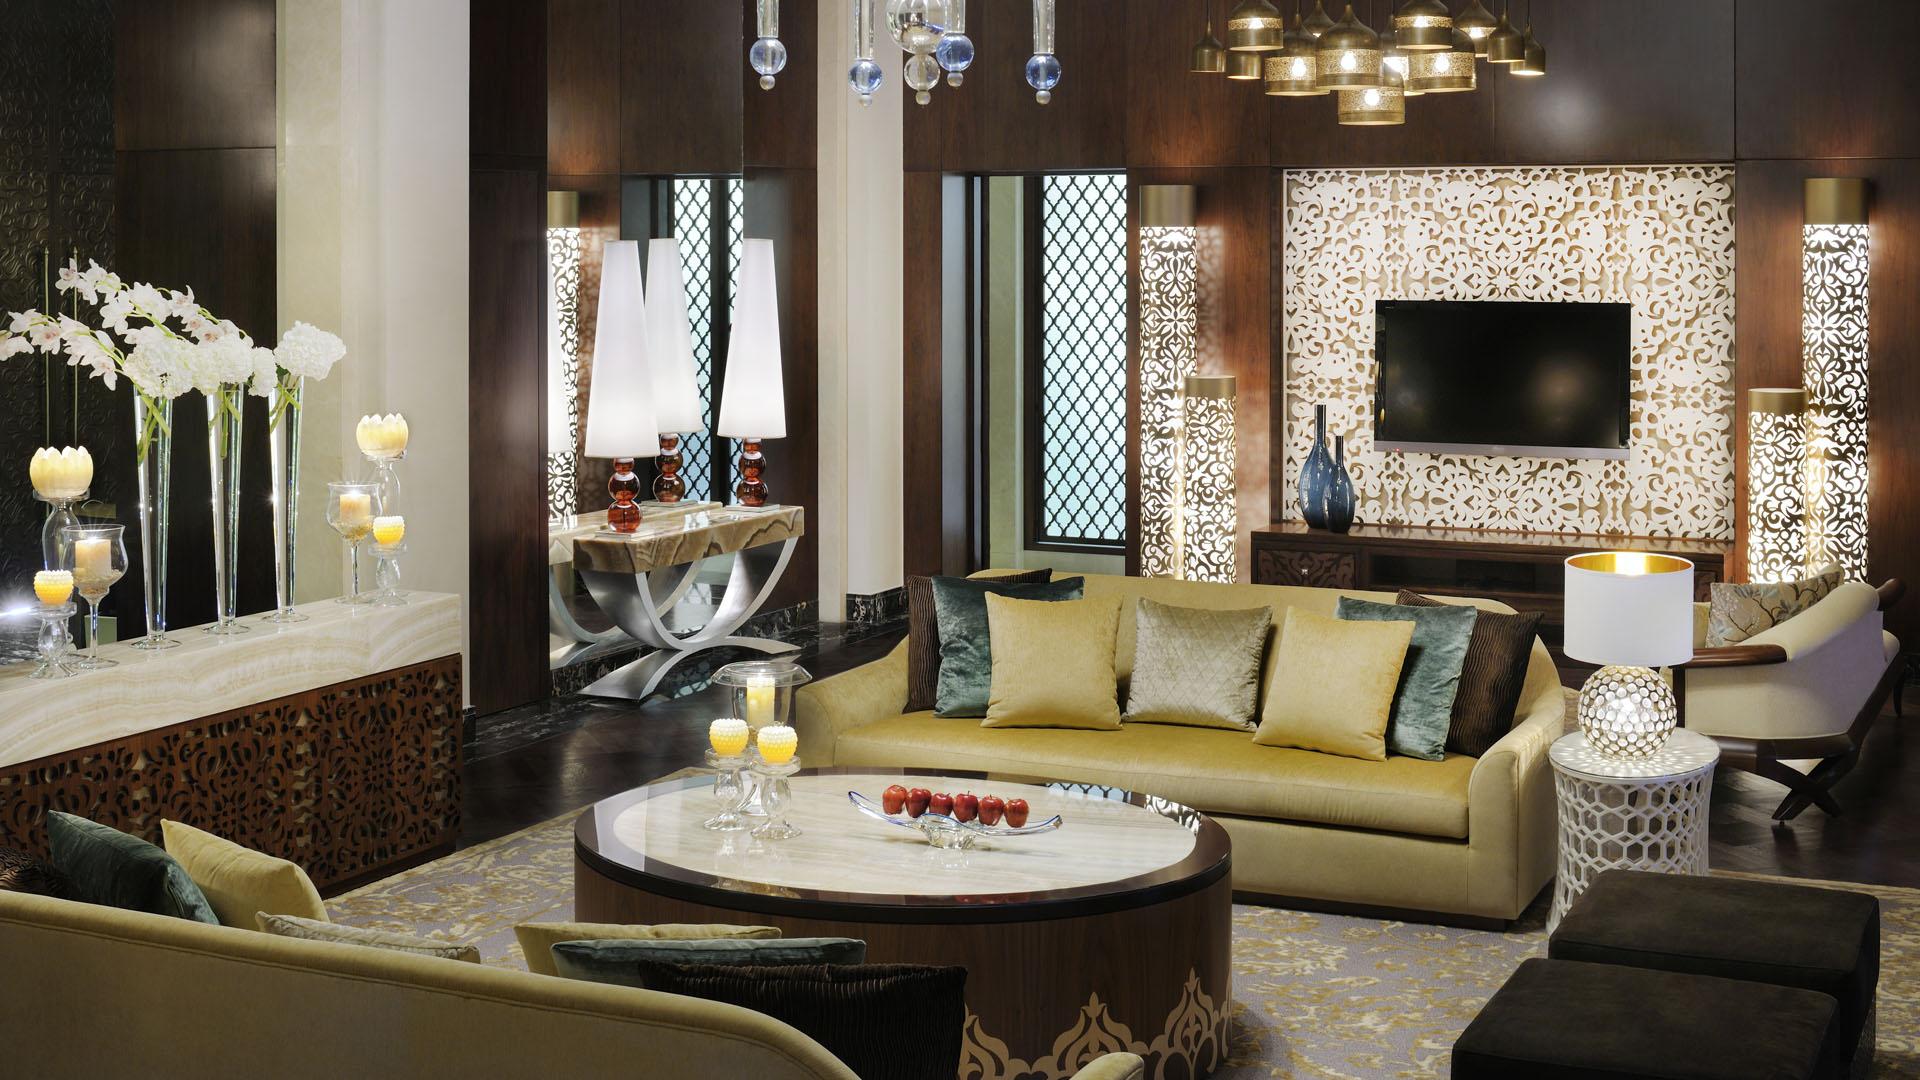 Мальовничий дизайн курорту в мавритансько-андалузському стилі з внутрішніми двориками, вигадливими фонтанами та ідеально доглянутими газонами створює затишну атмосферу разом з відчуттям приватності.